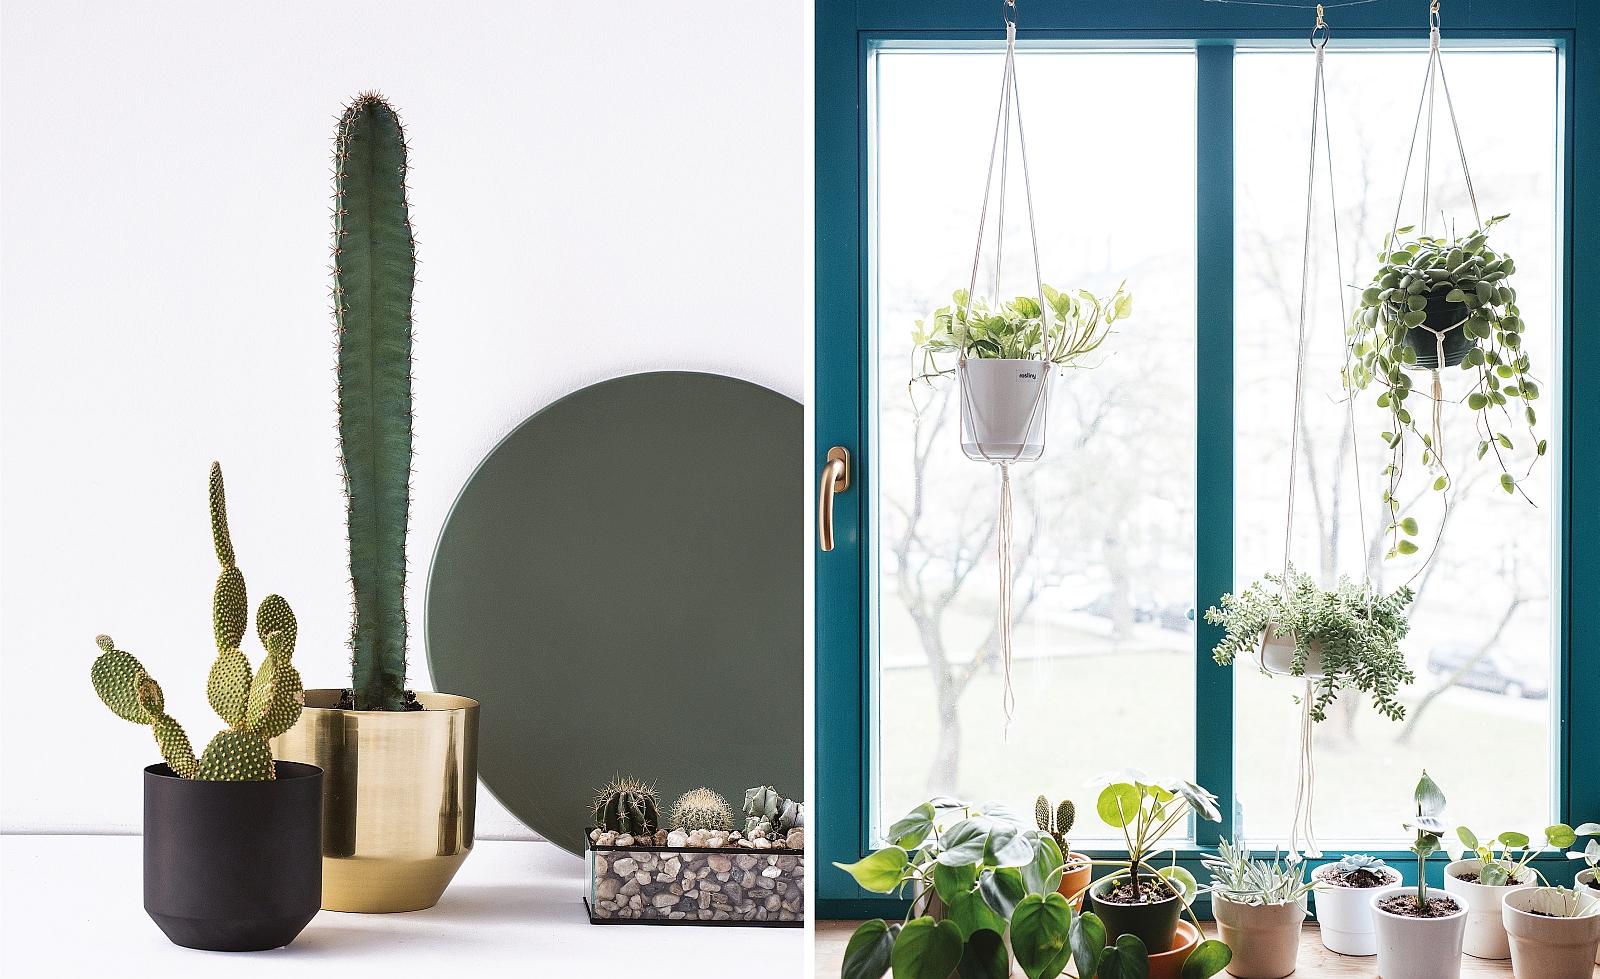 Nawet minimalistyczna przestrzeń jest bez roślin niekompletna (fot. Agata Piątkowska / fot. Michał Sierakowski)